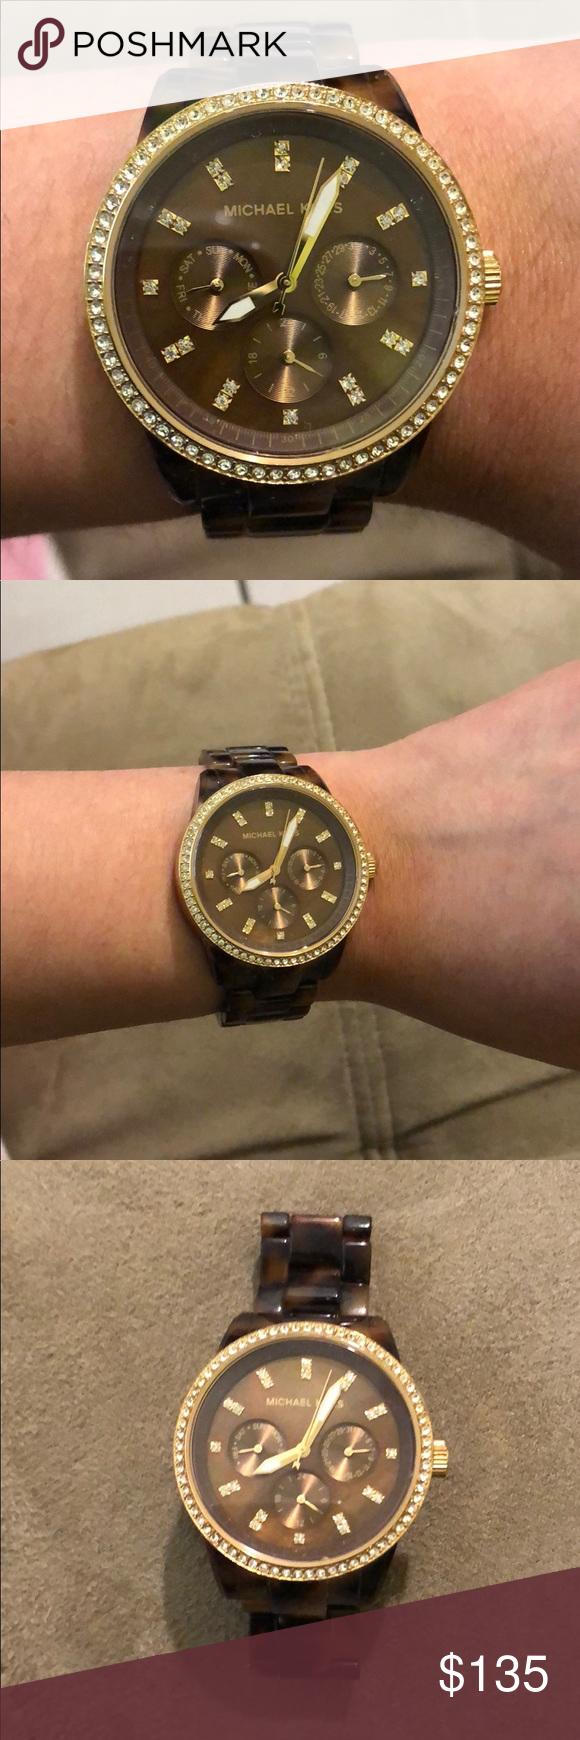 ec993de3e6e AUTHENTIC Michael Kors Tortoise Watch Like New Authentic Michael Kors  Tortoise watch !! It s been